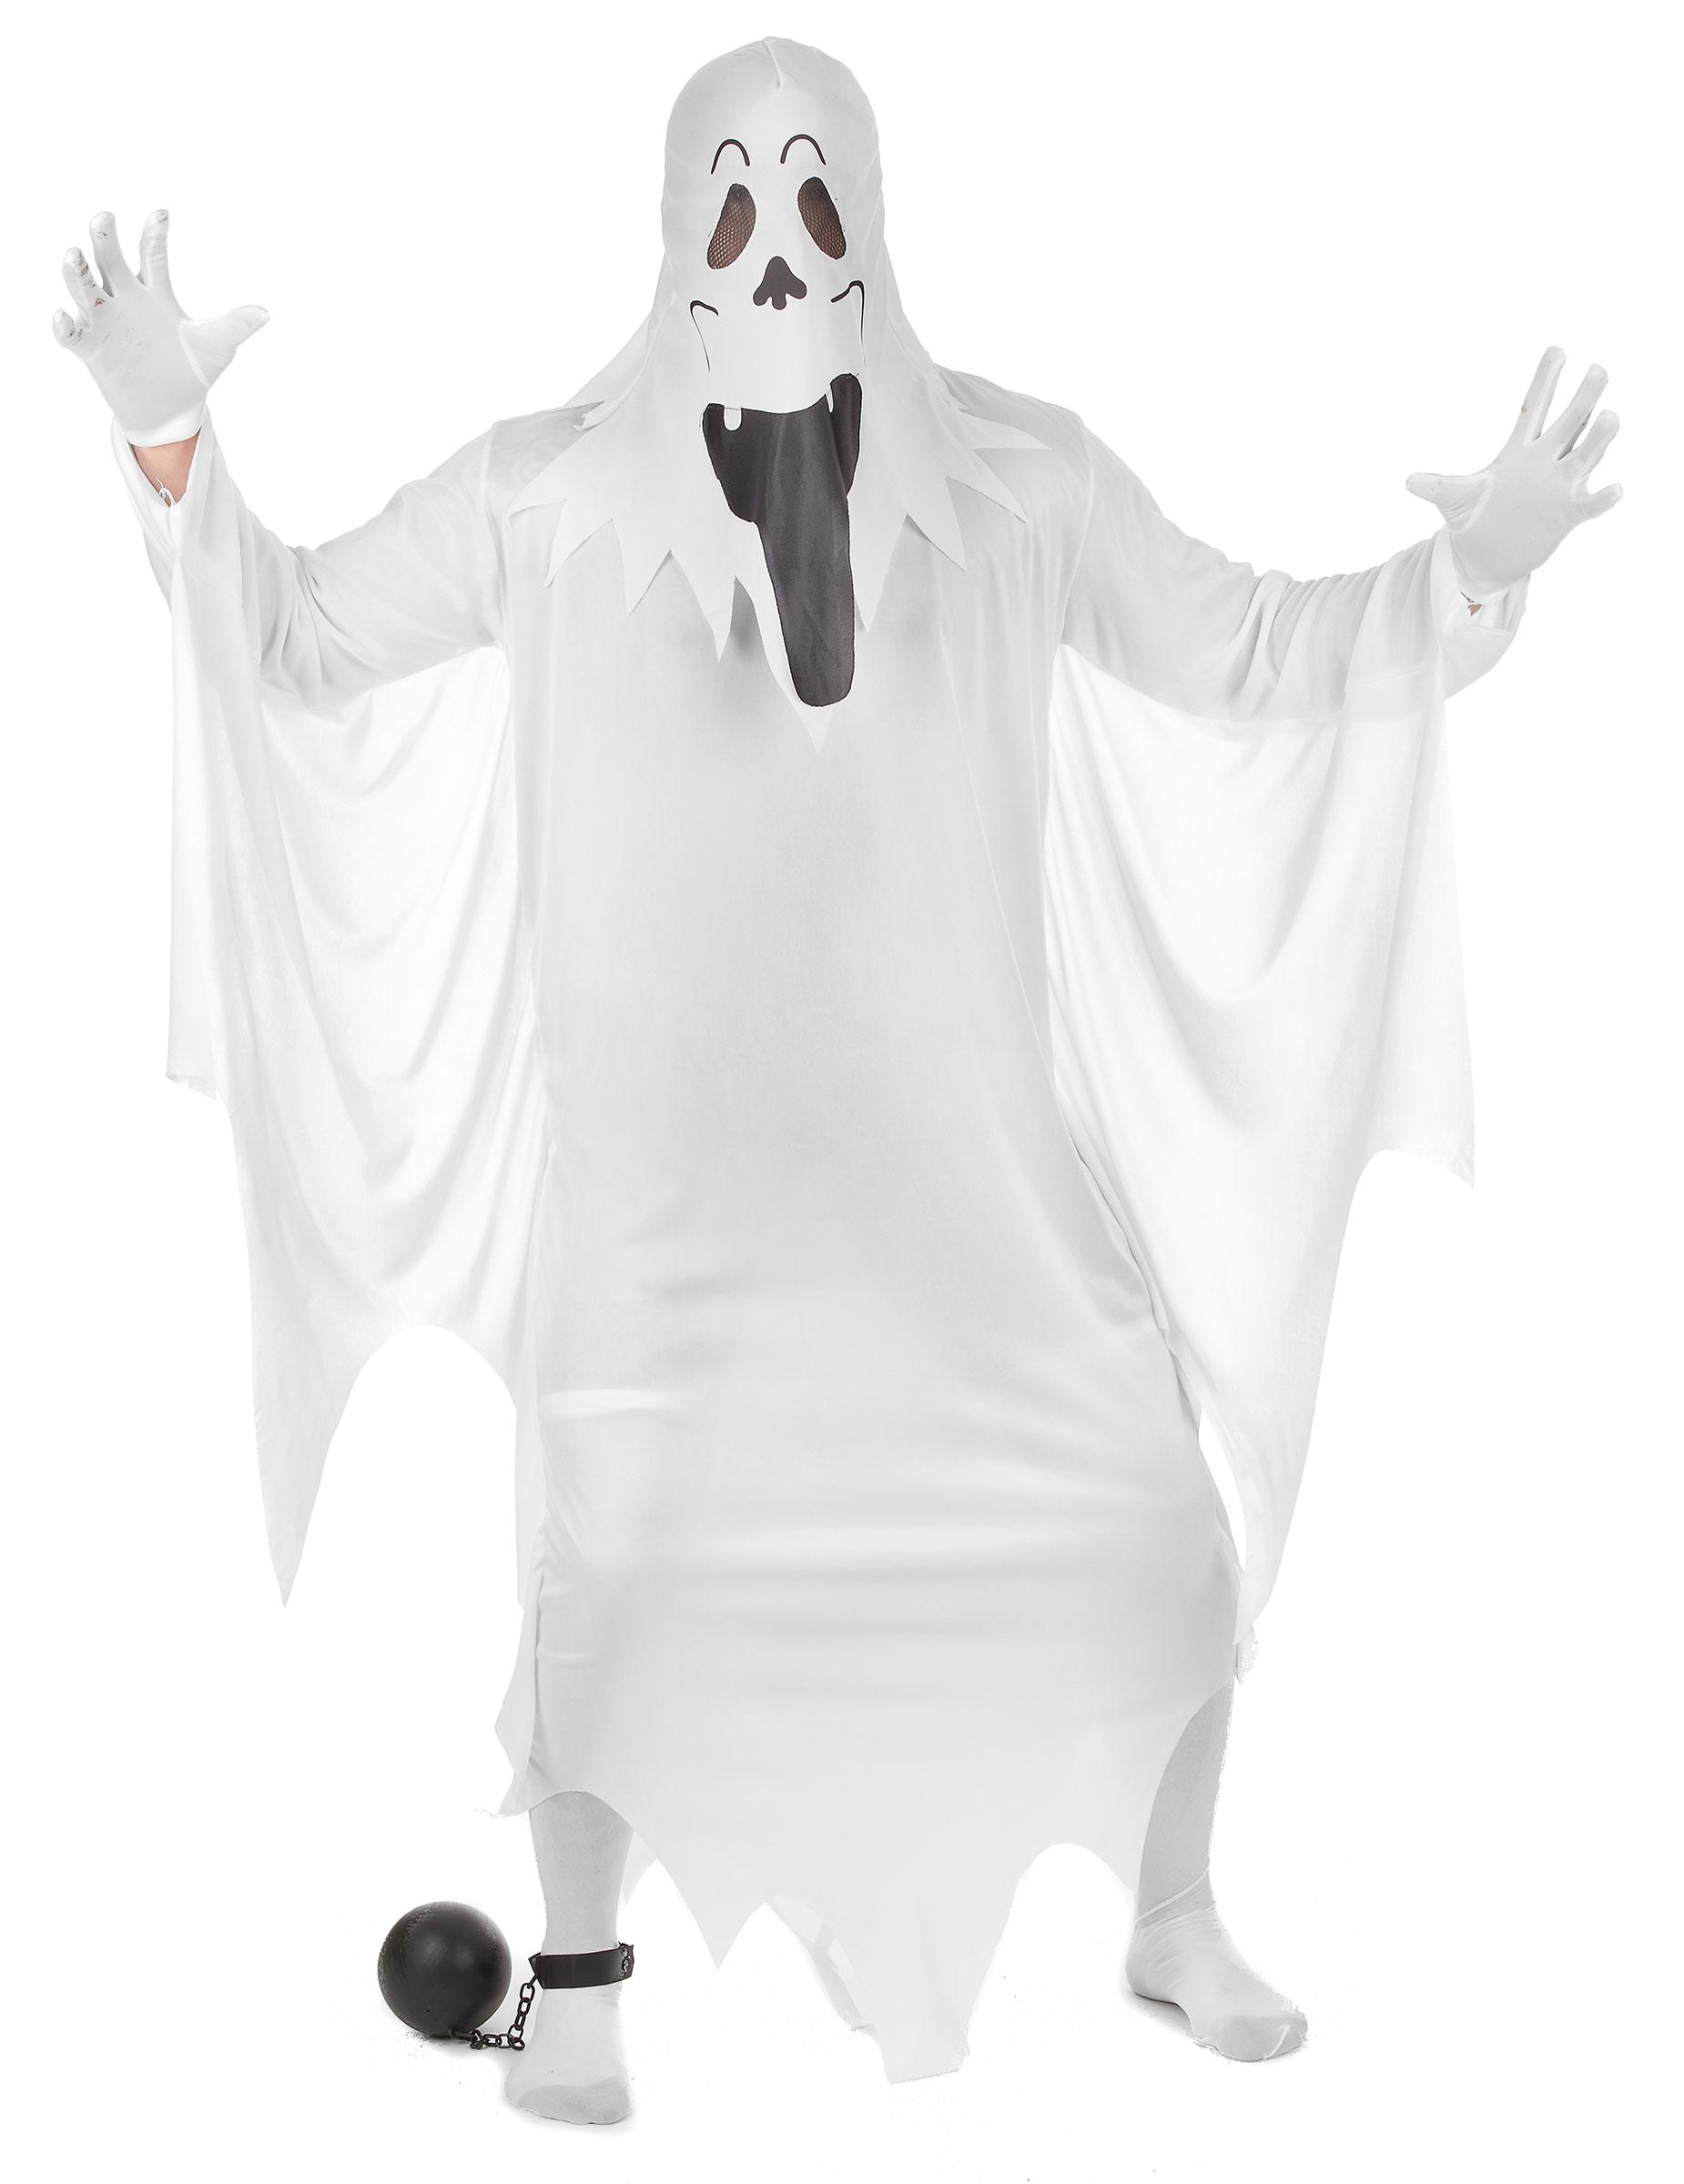 costume de fant me blanc pour halloween deguisetoi. Black Bedroom Furniture Sets. Home Design Ideas